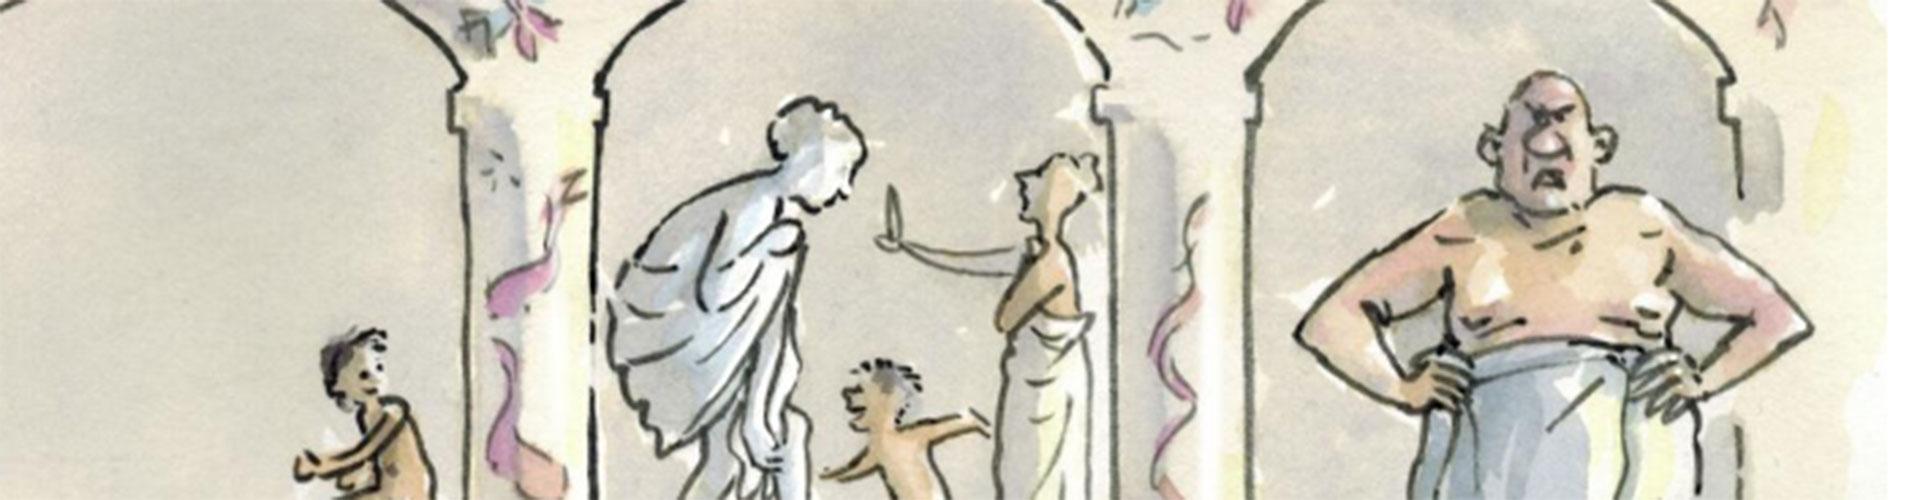 Een-dief-in-het-badhuis_Floortje-Zwigtman